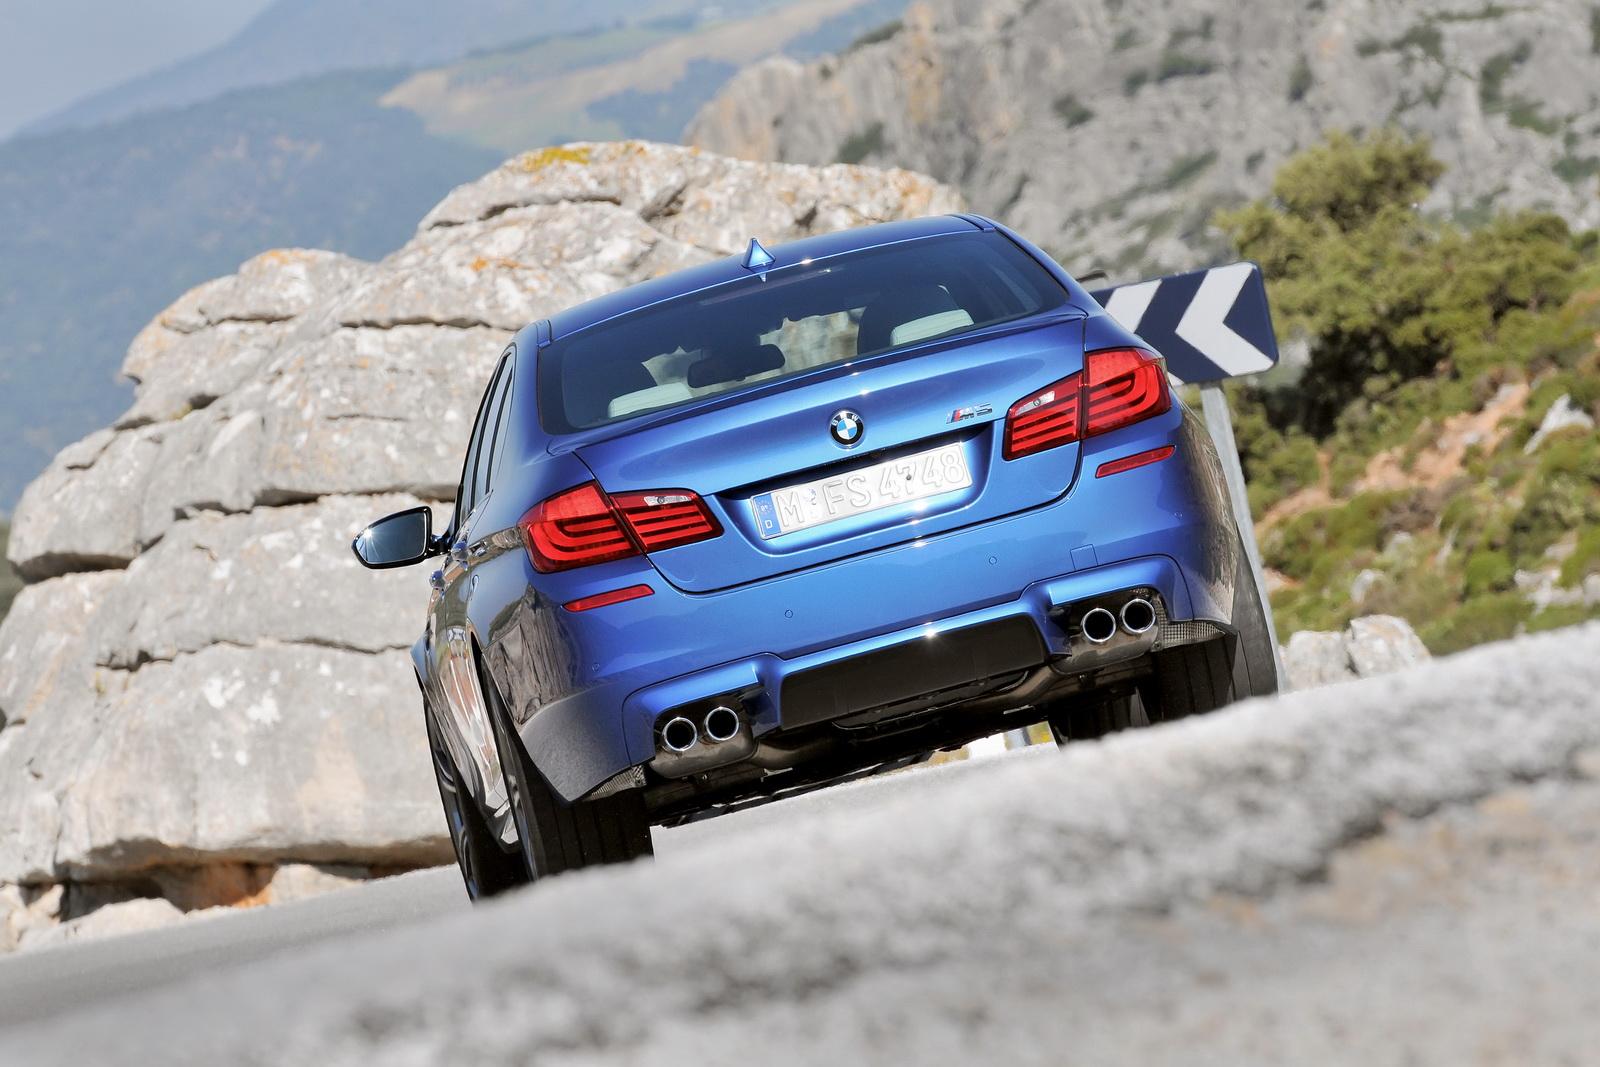 Tras cinco años, BMW detendrá este mes la producción del BMW M5 F10... y será el último M5 manual